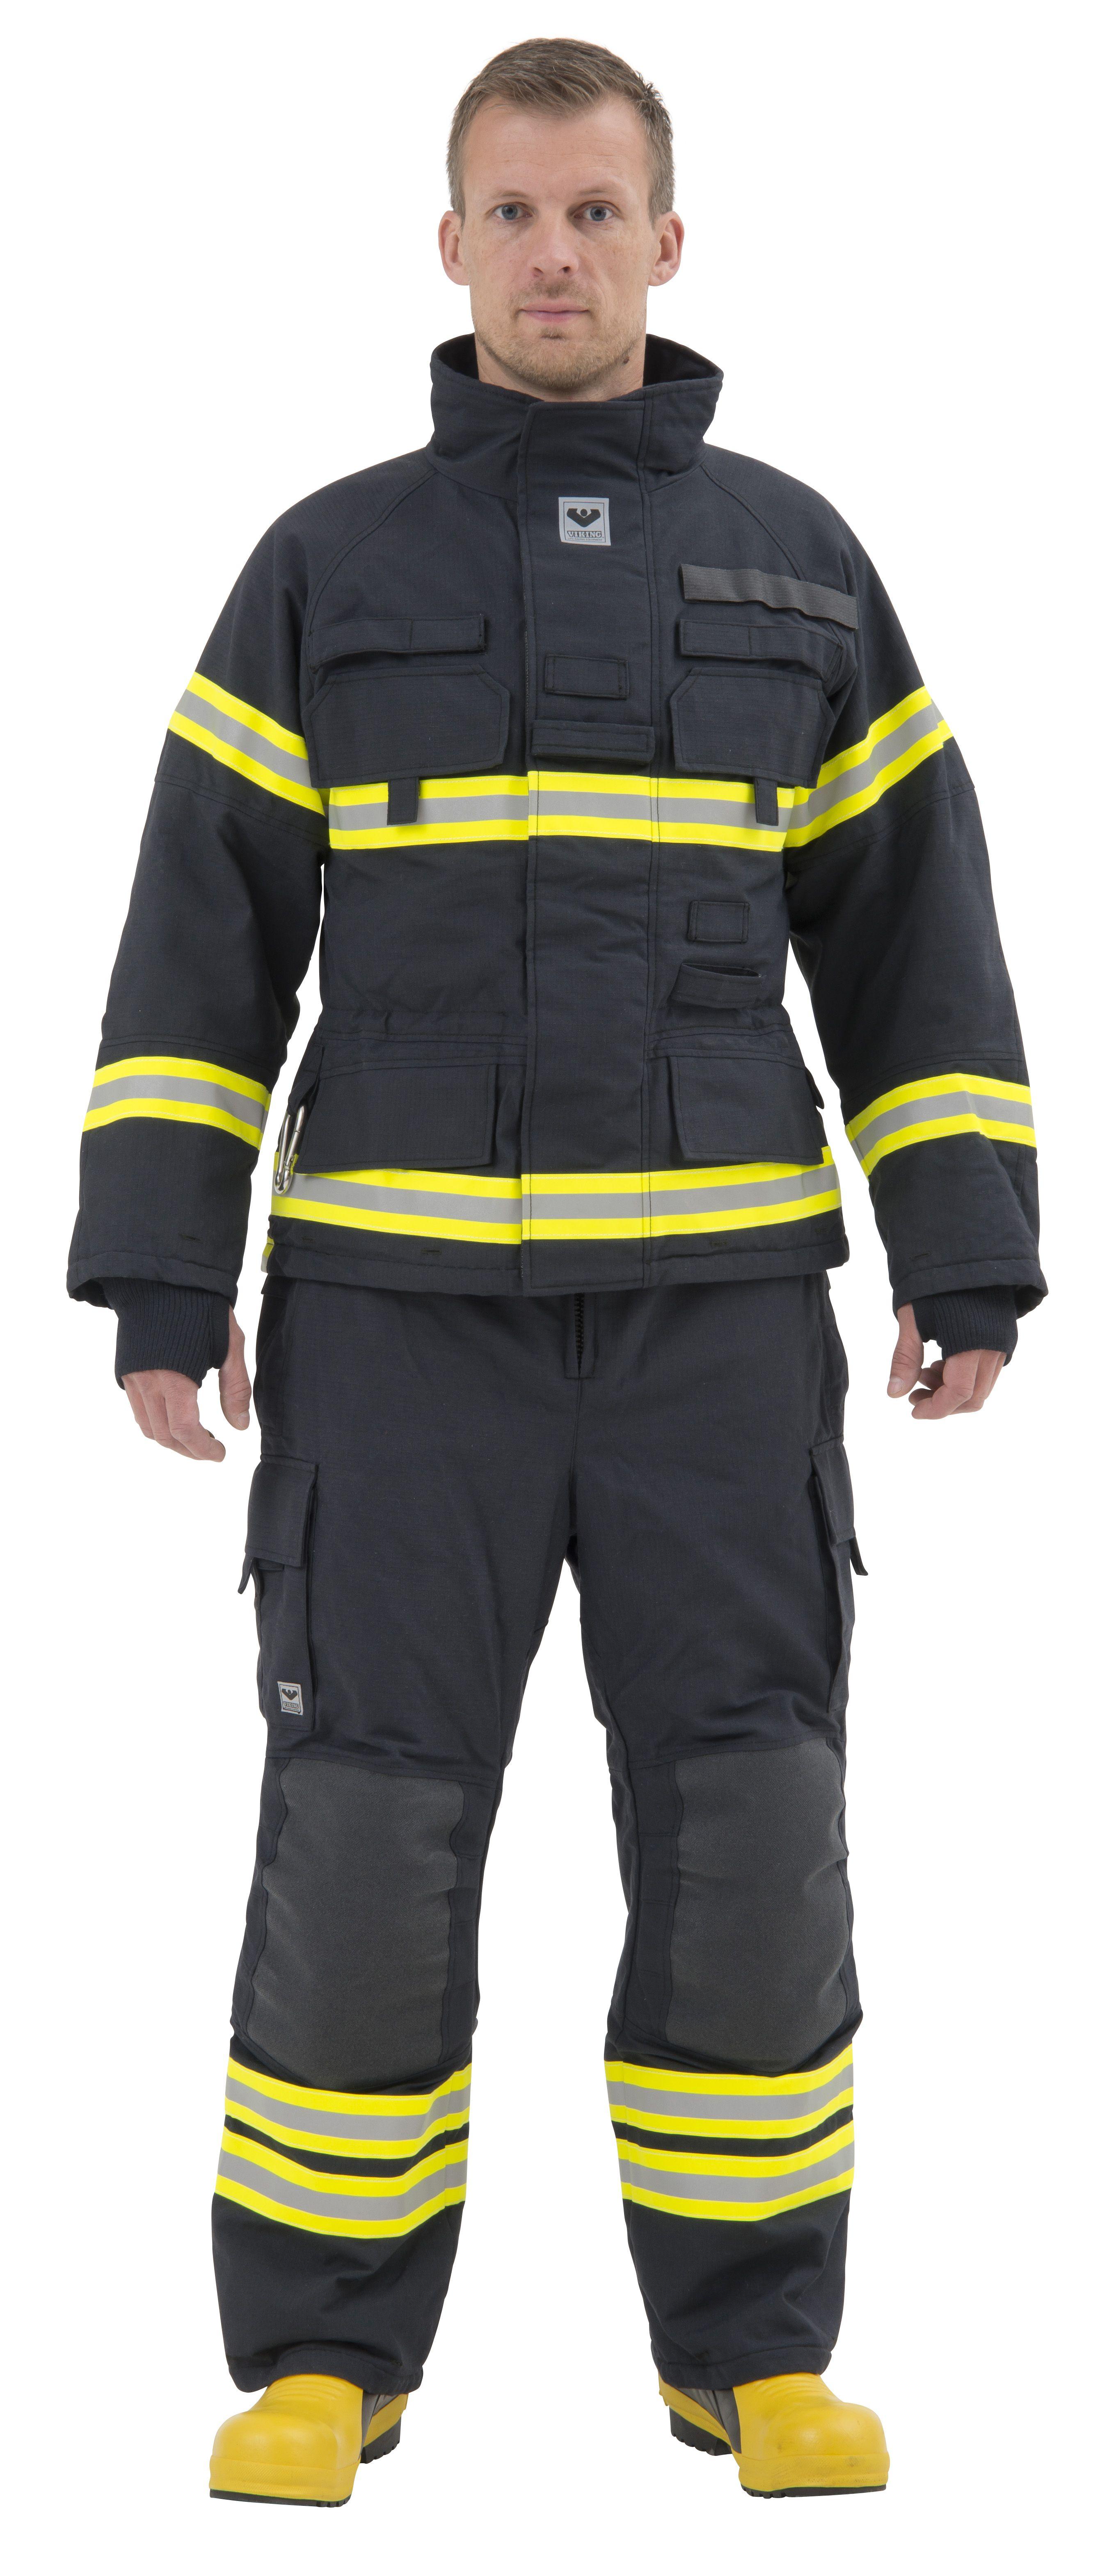 VIKING Fire Suit